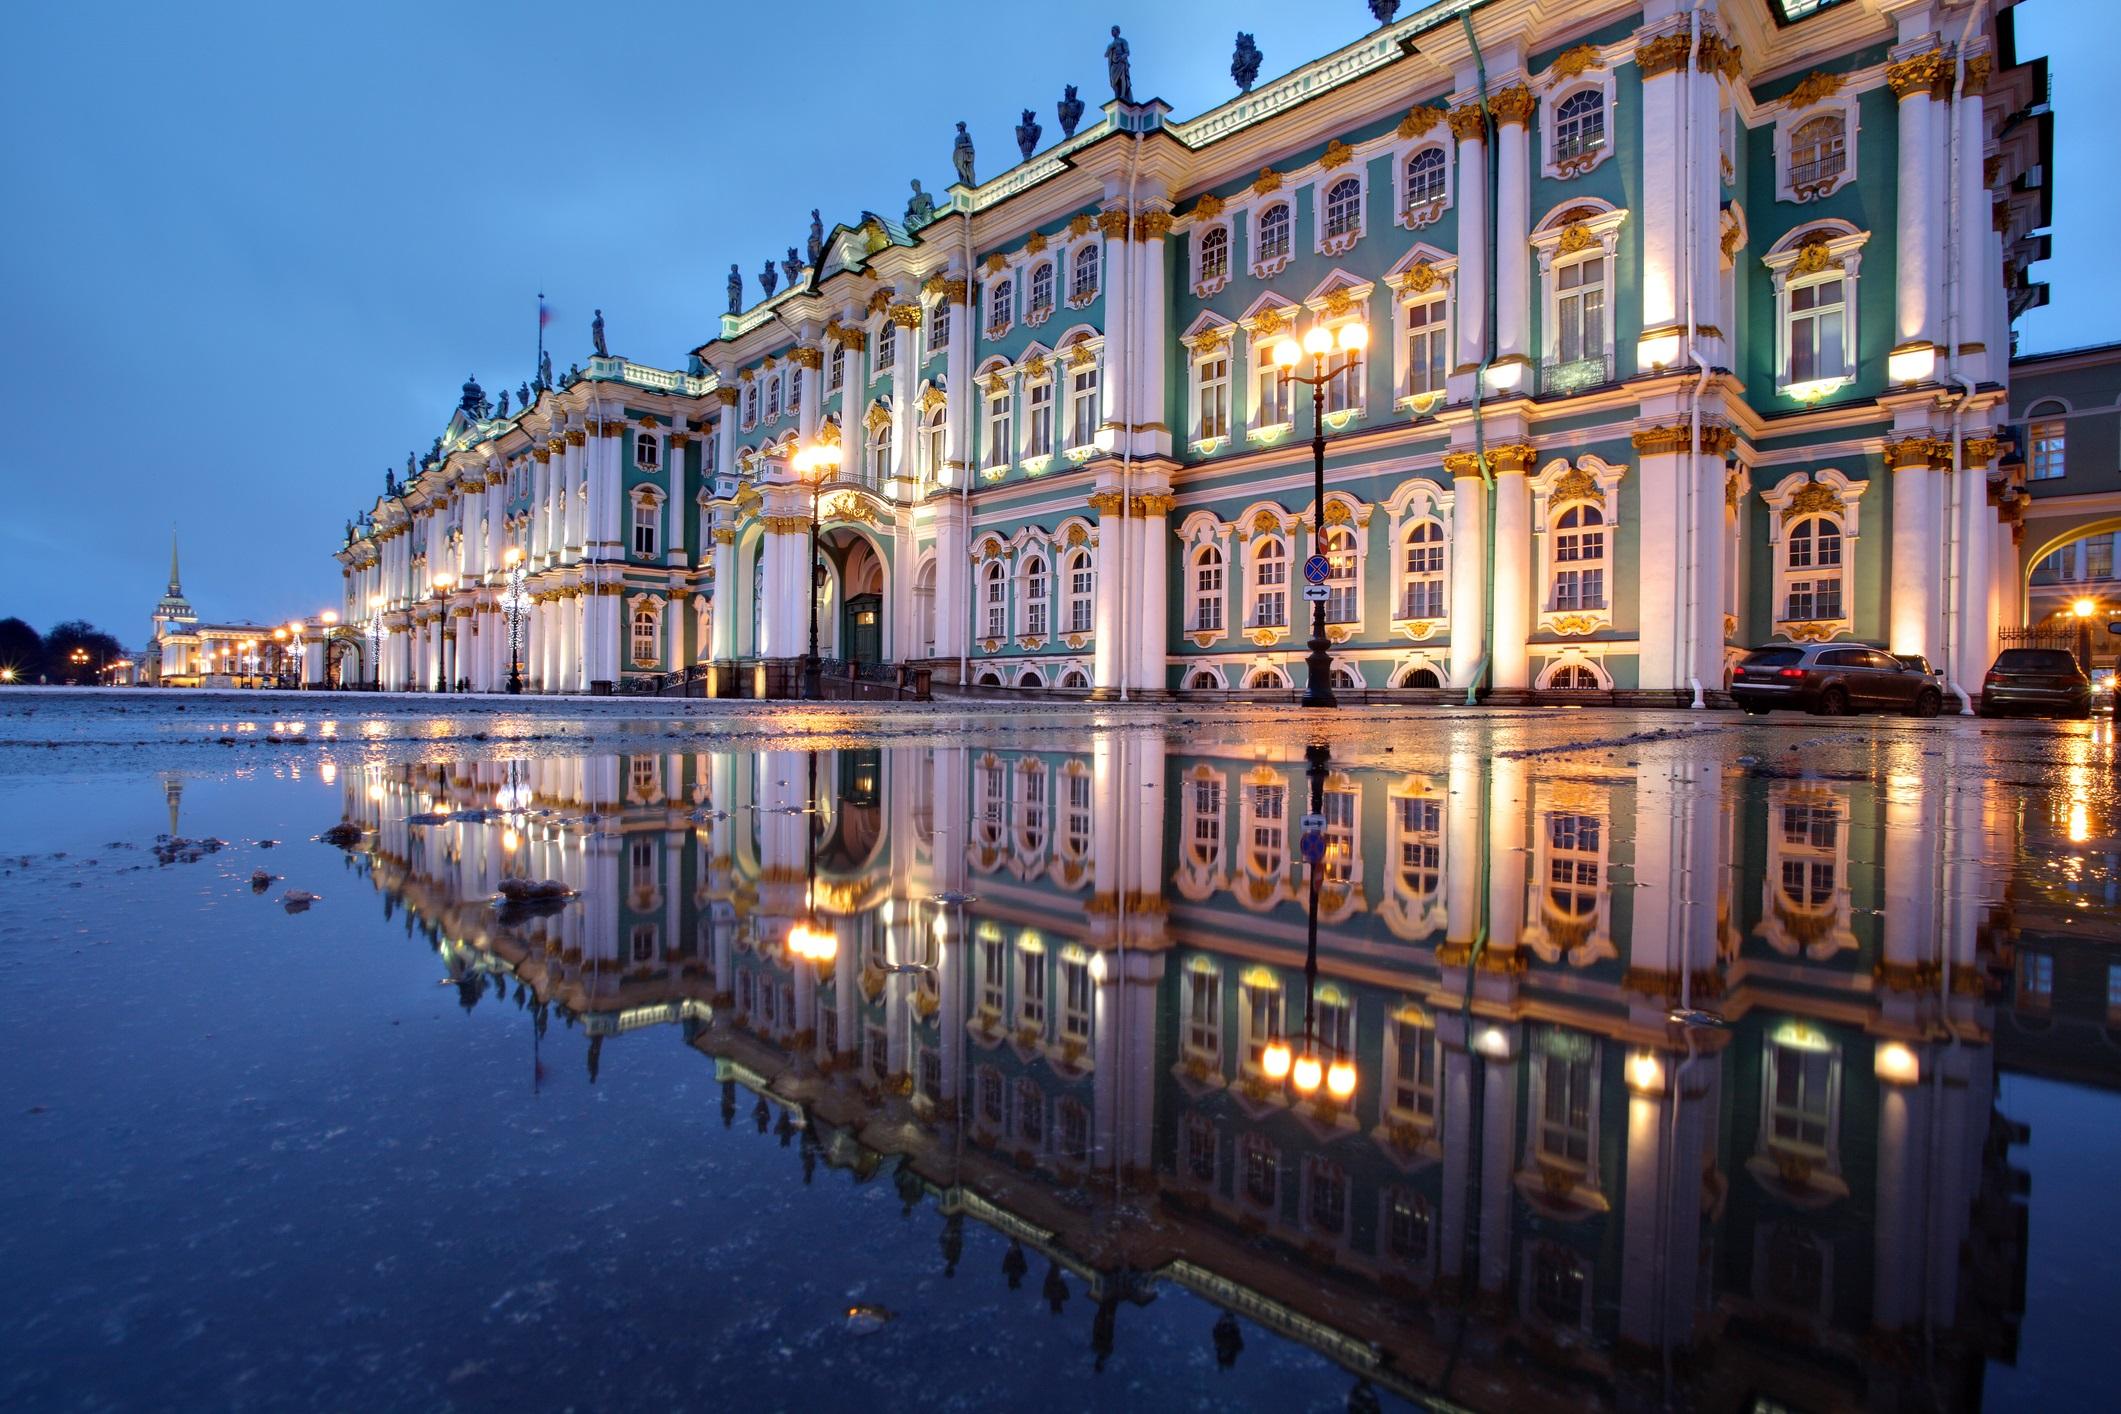 <p>Задължителен за посещение е Ермитажа, музей, съдържащ толкова много произведения на изкуството, че бихте могли да прекарате един живот в обиколки по залите и пак няма да видите всички тях.</p>